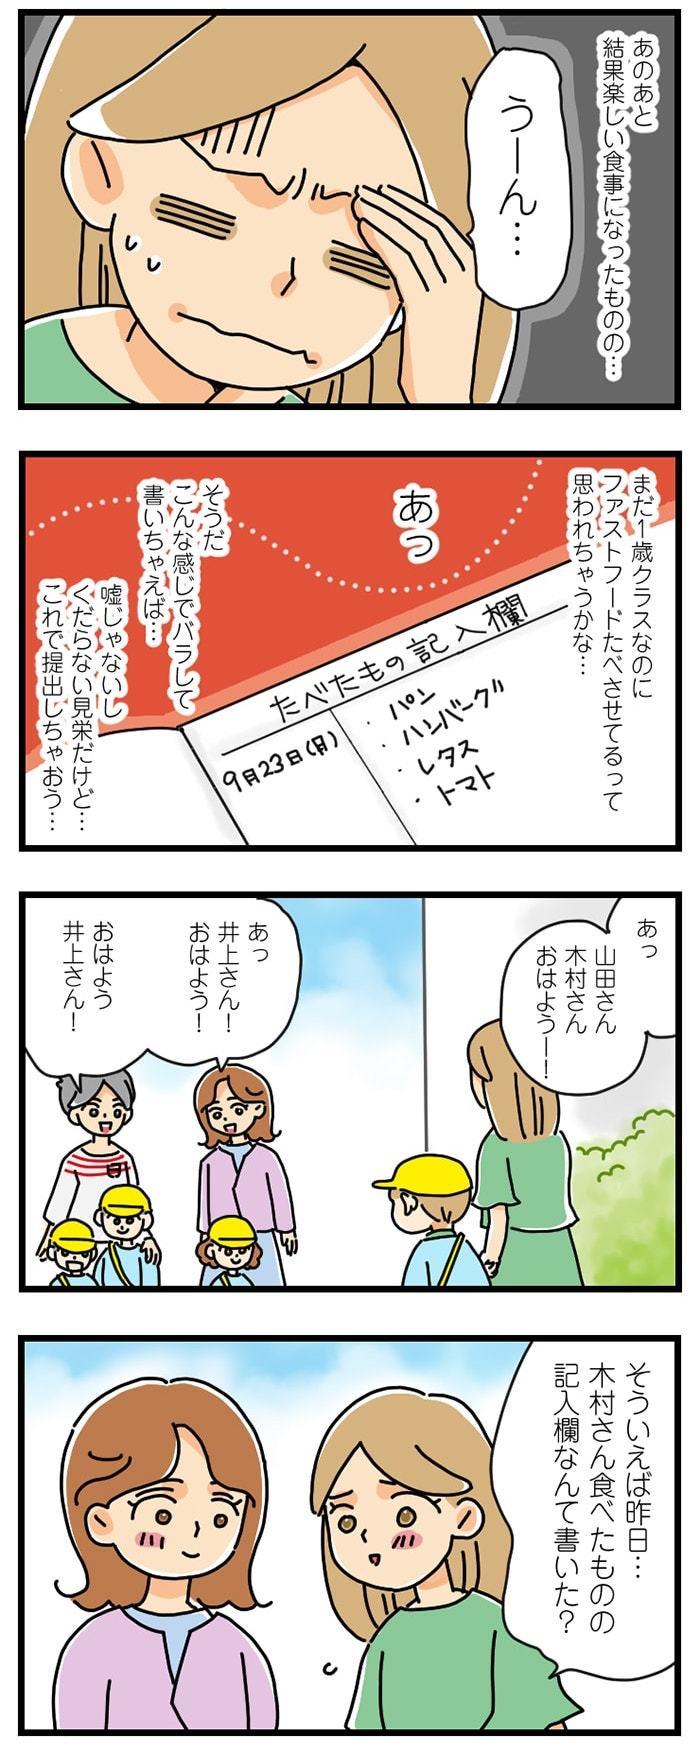 保育園の連絡帳でプチ葛藤!食事記入欄に「ハンバーガー」はどう記載する!?の画像4